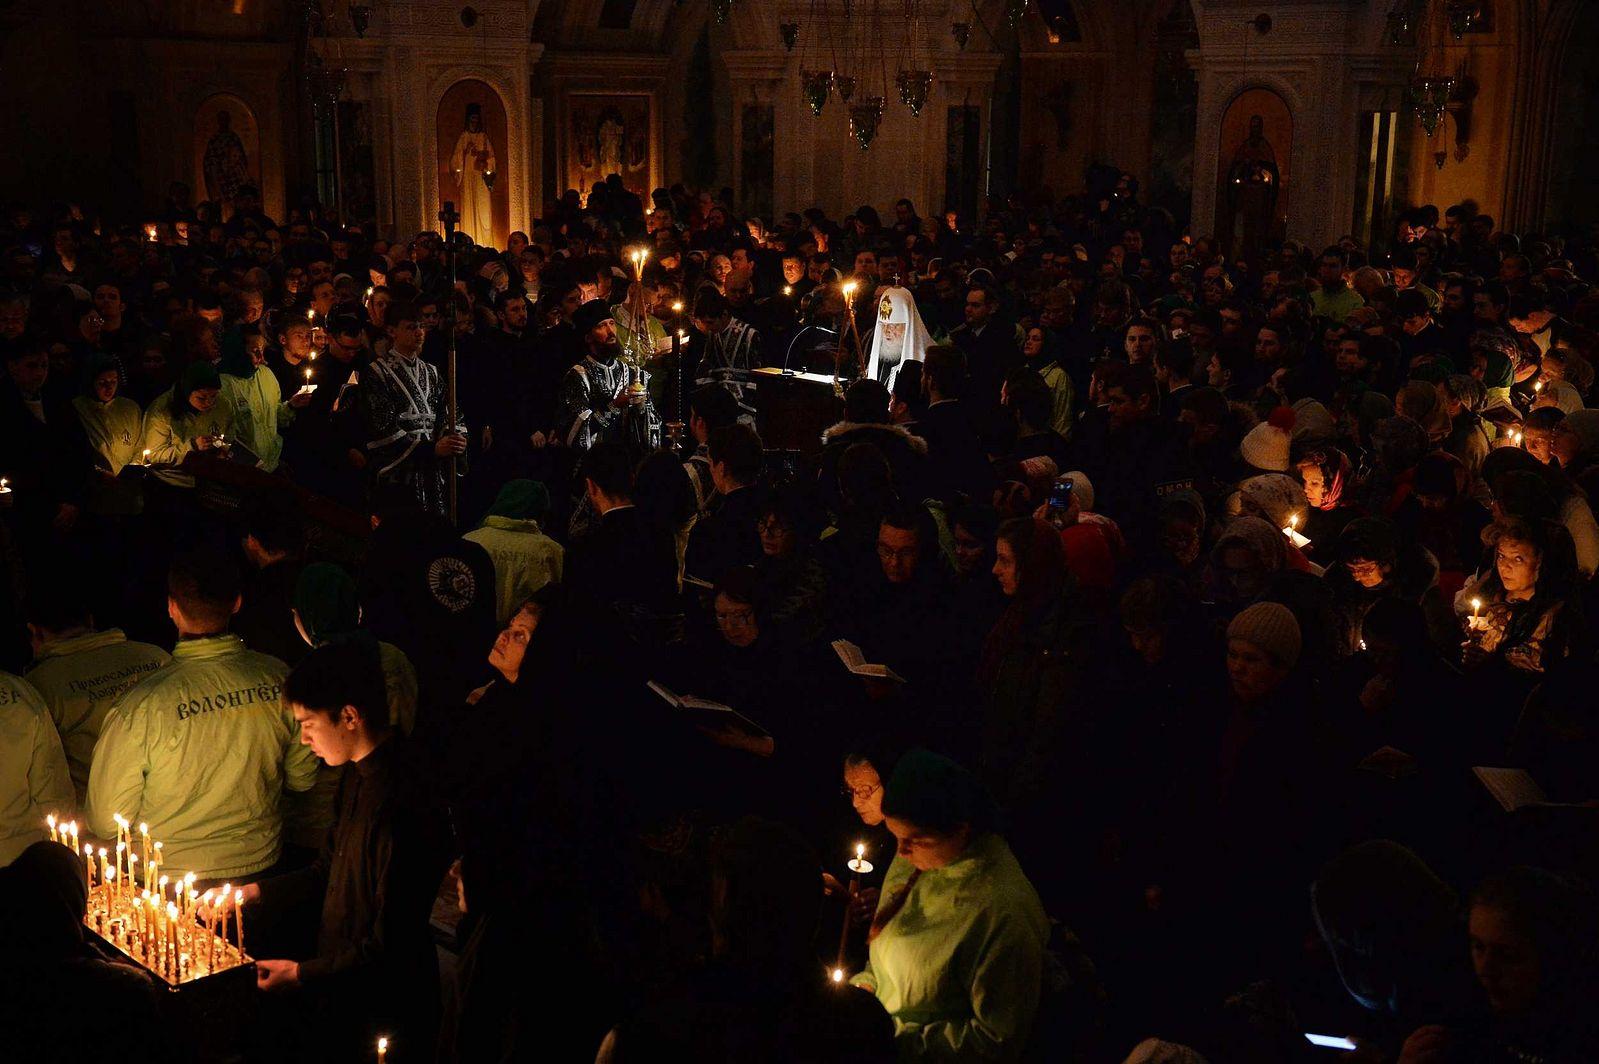 В четверг первой седмицы Великого поста Патриарх Кирилл совершил великое повечерие в Сретенском монастыре